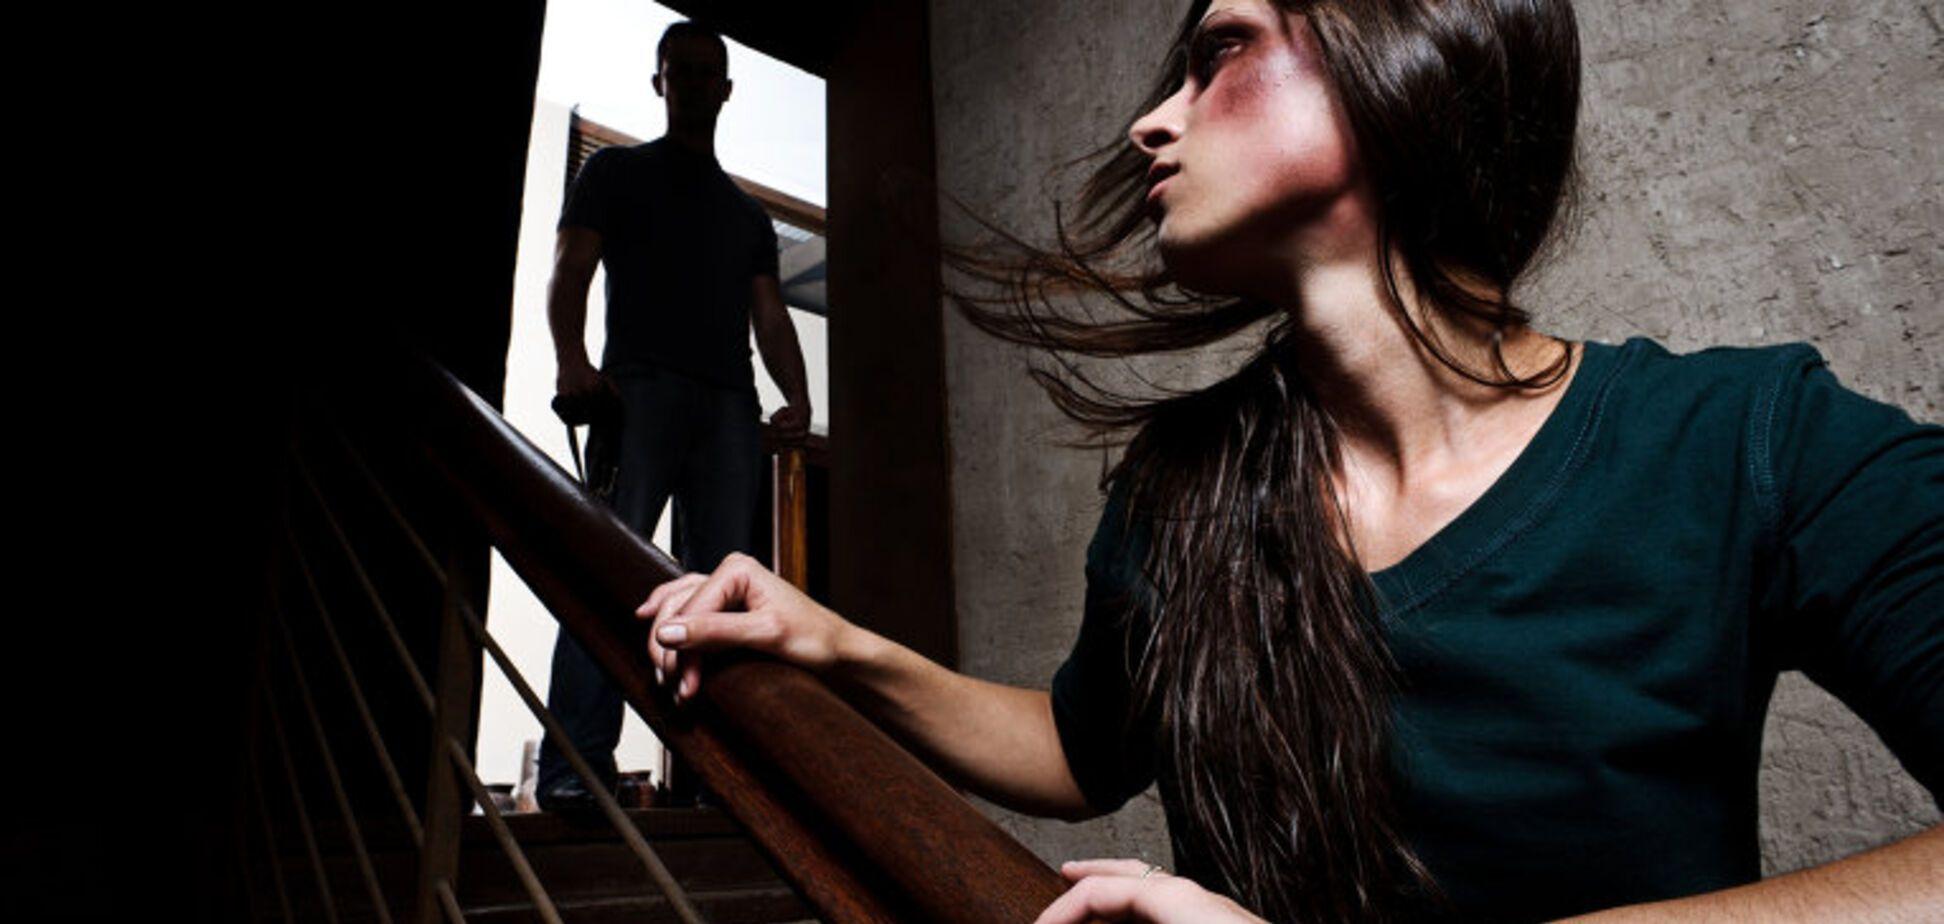 Ежедневно насилию подвергаются миллионы женщин